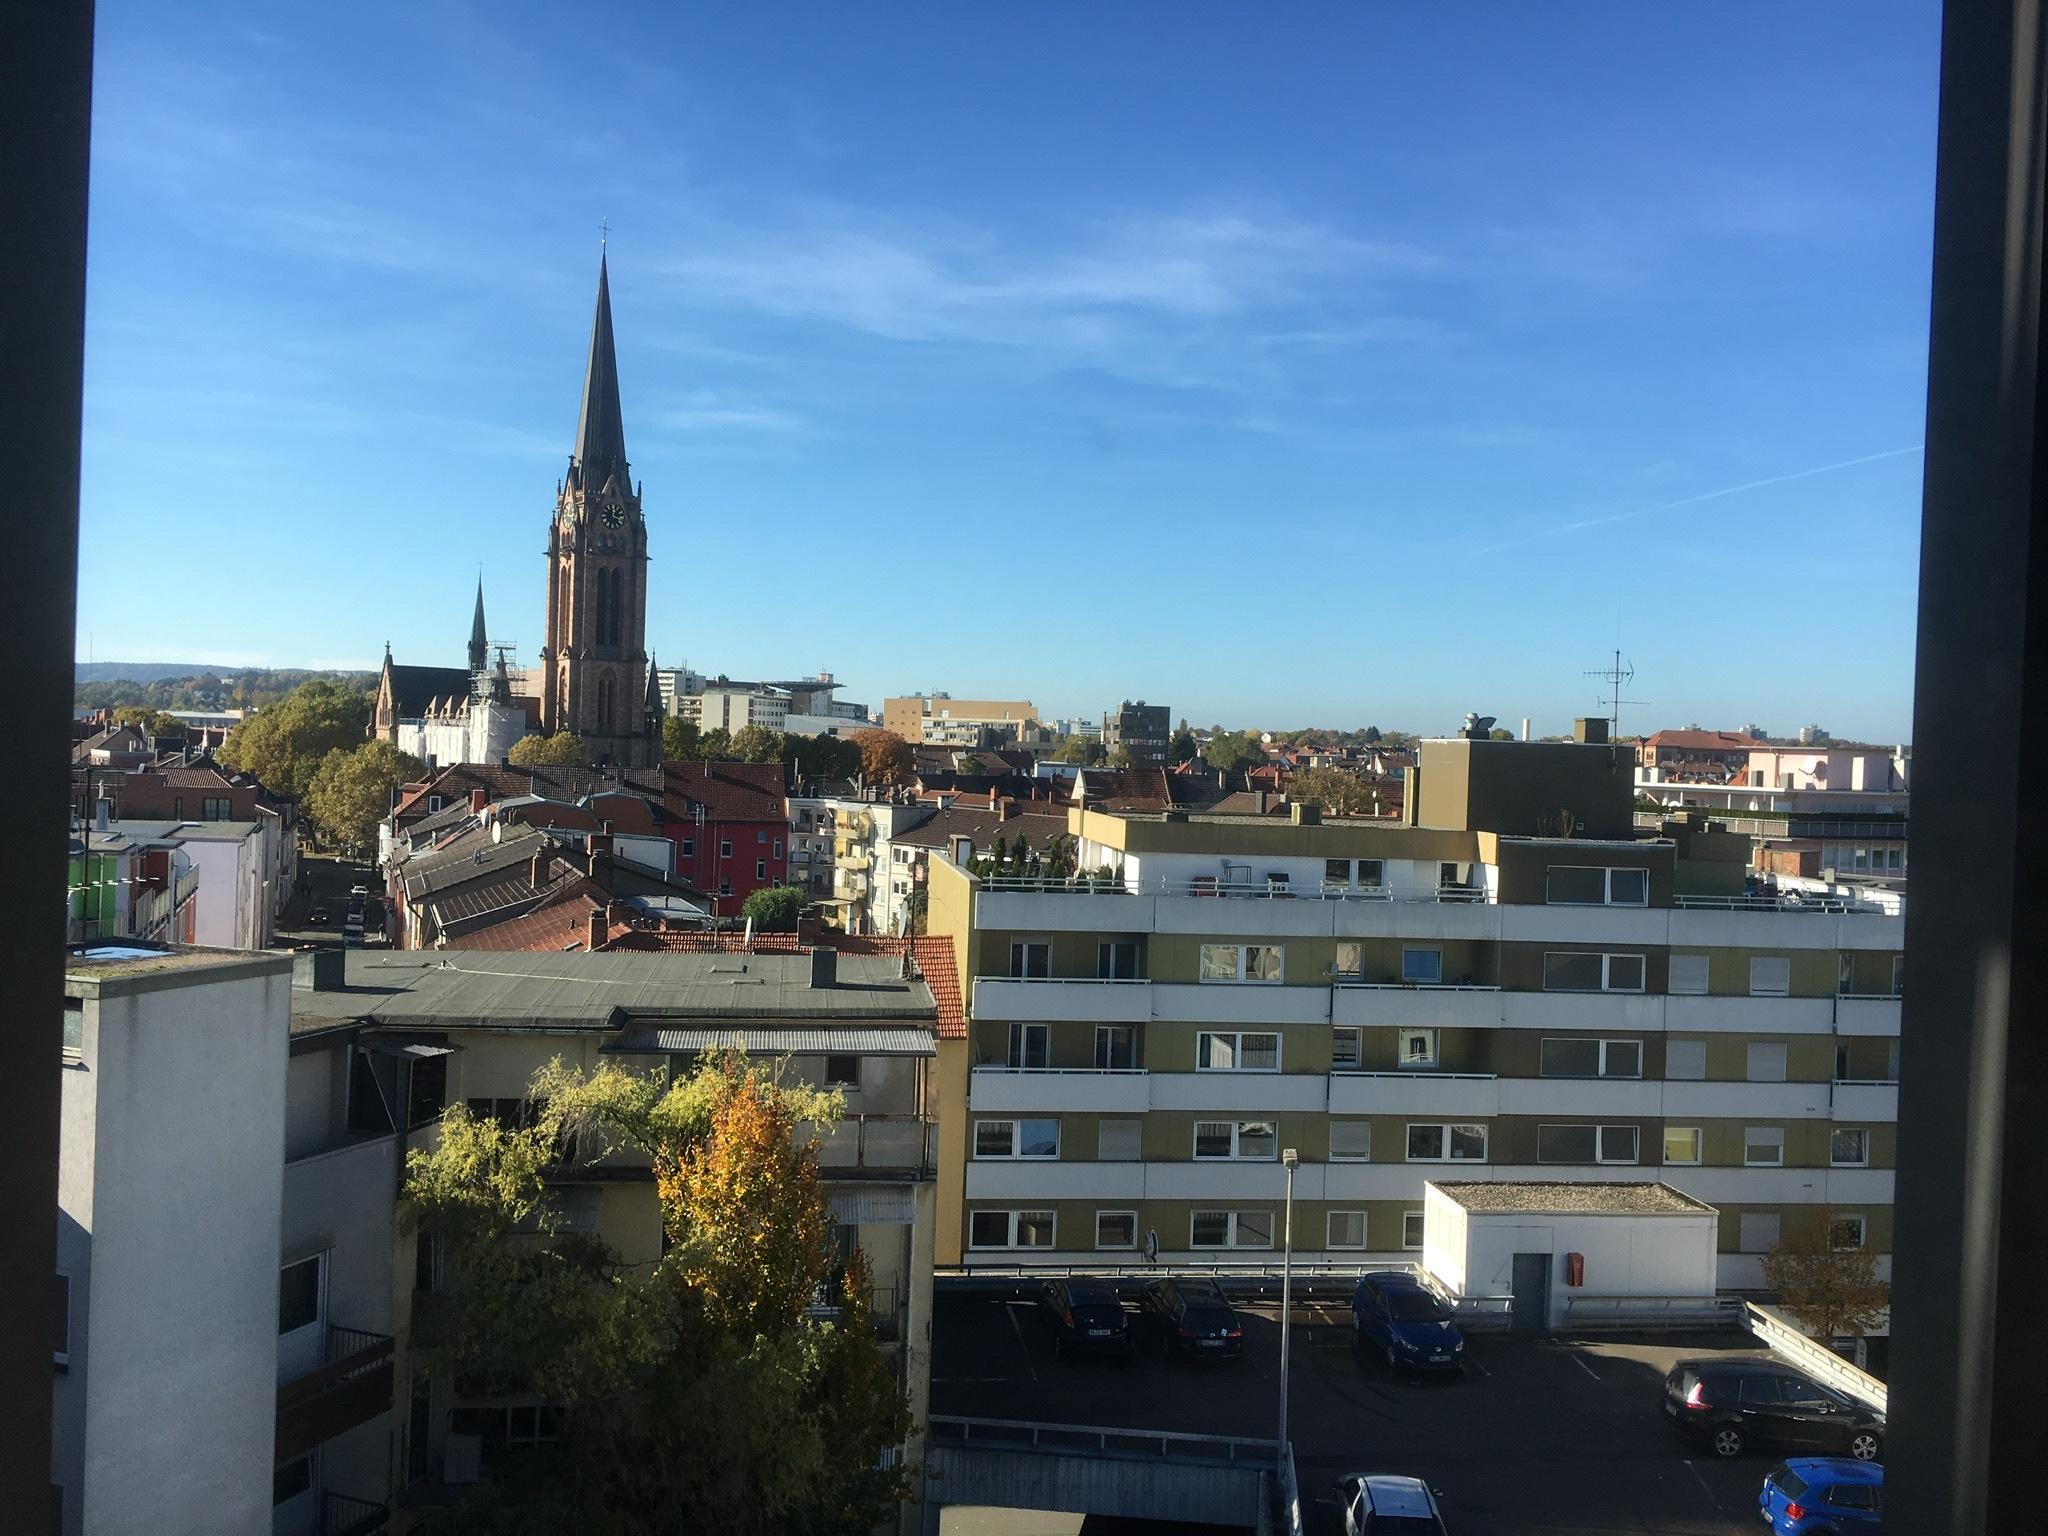 Blick aus dem Wartezimmer auf die Stadt